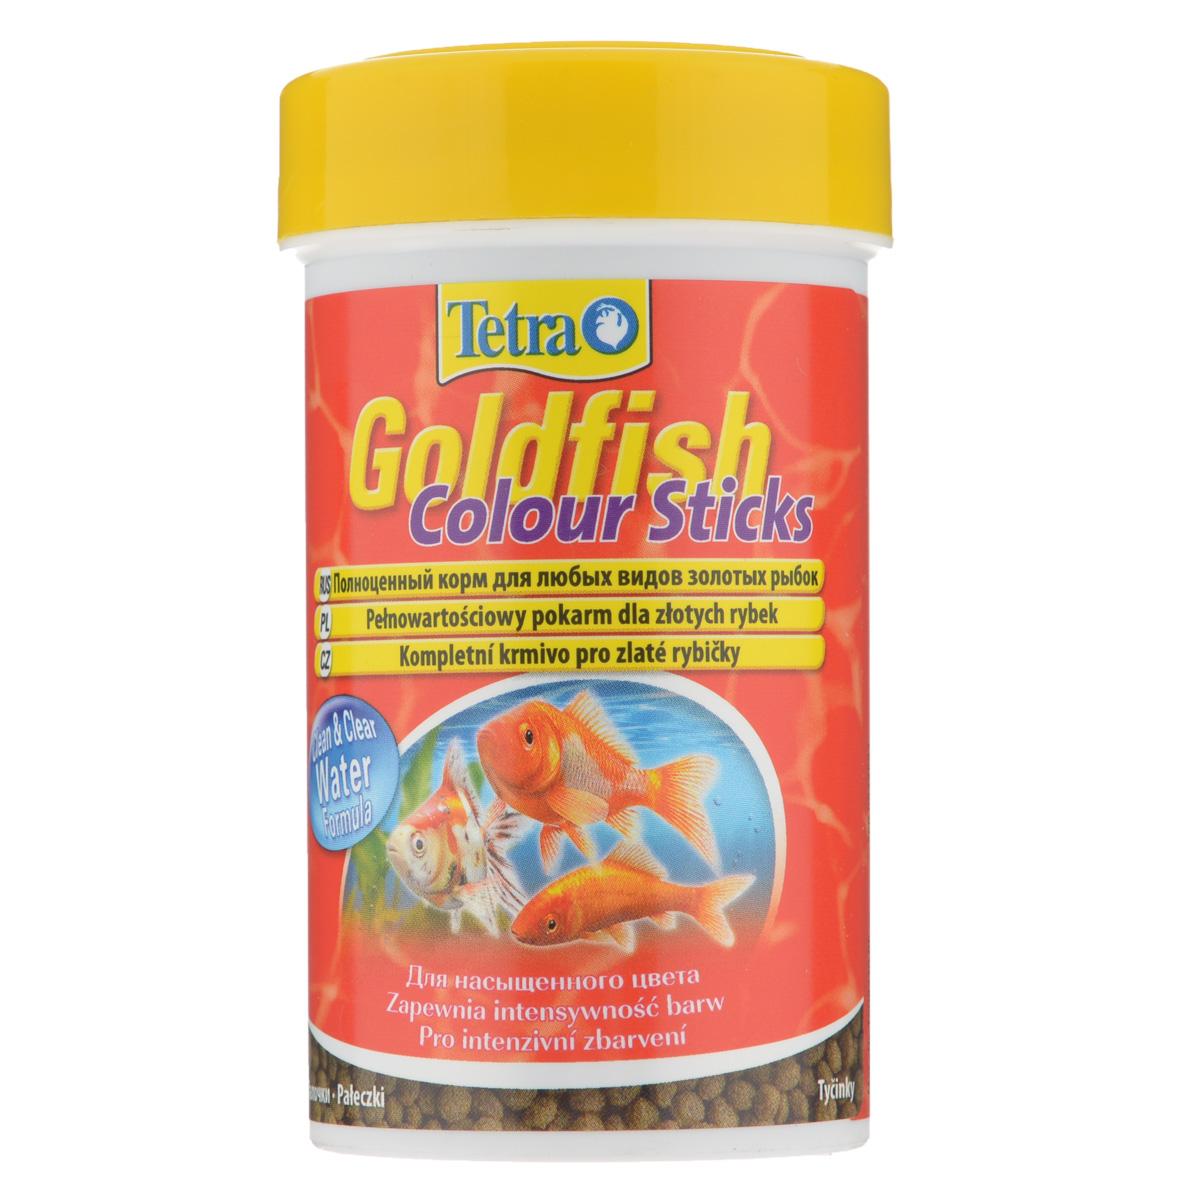 Корм сухой Tetra Goldfish Colour Sticks для любых видов золотых рыбок, в виде палочек, 100 мл0120710Корм Tetra Goldfish Colour Sticks - это высококачественный сбалансированный питательный корм для любых видов золотых рыбок. Превосходное качество корма - гарантия лучшего для ваших золотых рыбок. Особенности Tetra Goldfish Colour Sticks:усилители цвета обеспечивают яркую и интенсивную окраску,формула Clean & Clean Water и запатентованная формула BioActive - для поддержания здоровья и продолжительности жизни. Рекомендации по кормлению: кормить несколько раз в день маленькими порциями. Характеристики: Состав: рыба и побочные рыбные продукты, экстракты растительного белка, зерновые культуры, растительные продукты, овощи, дрожжи, моллюски и раки, масла и жиры, водоросли (спирулина максима 6,0%), минеральные вещества.Пищевая ценность: сырой белок - 30%, сырые масла и жиры - 6%, сырая клетчатка - 2,0%, влага - 8%.Добавки: витамины, провитамины и химические вещества с аналогичным воздействием: витамин А 30000 МЕ/кг, витамин Д3 1870 МЕ/кг. Комбинации элементов: Е5 Марганец 81 мг/кг, Е6 Цинк 48 мг/кг, Е1 Железо 32 мг/кг, Е3 Кобальт 0,6 мг/кг. Красители, консерванты, антиоксиданты. Вес: 100 мл (30 г).